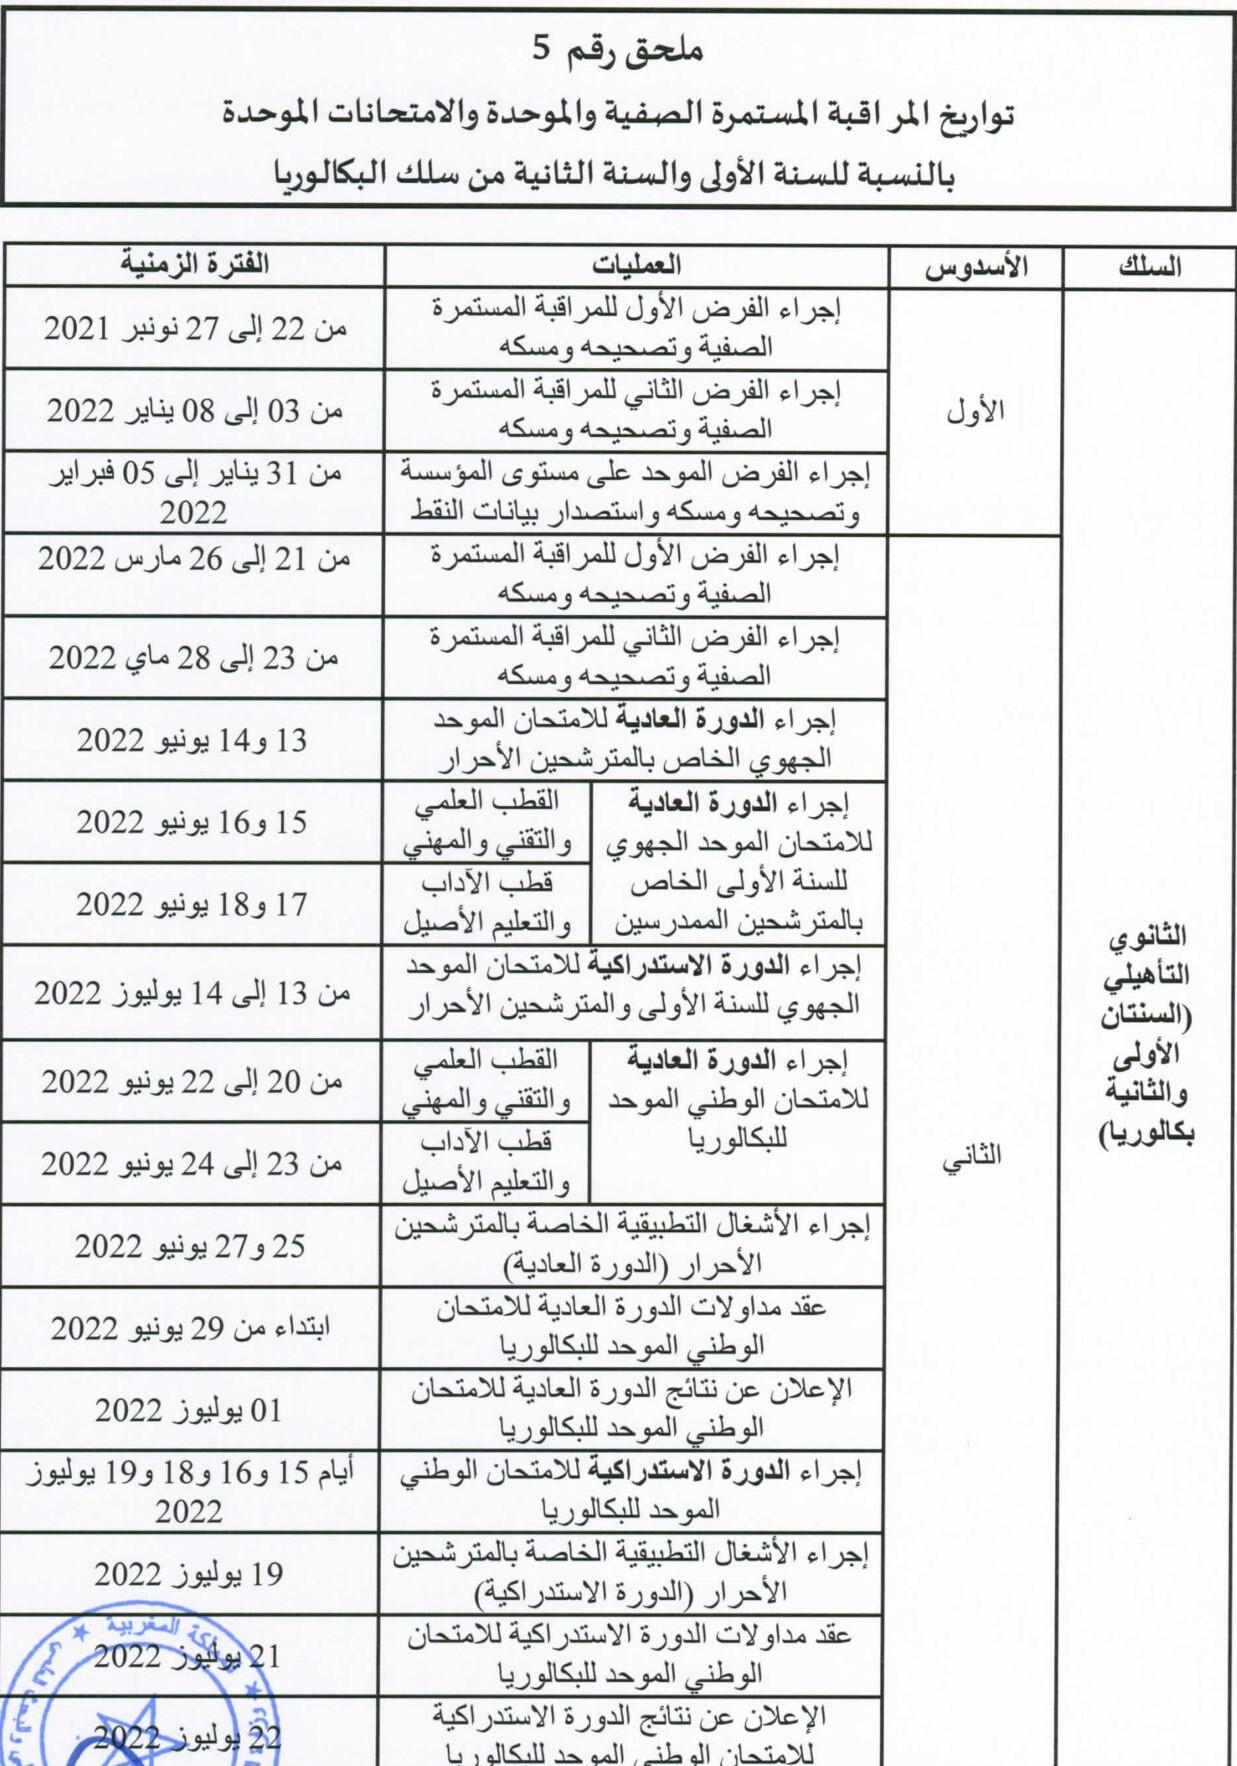 تاريخ اجتياز الامتحان الوطني 2022